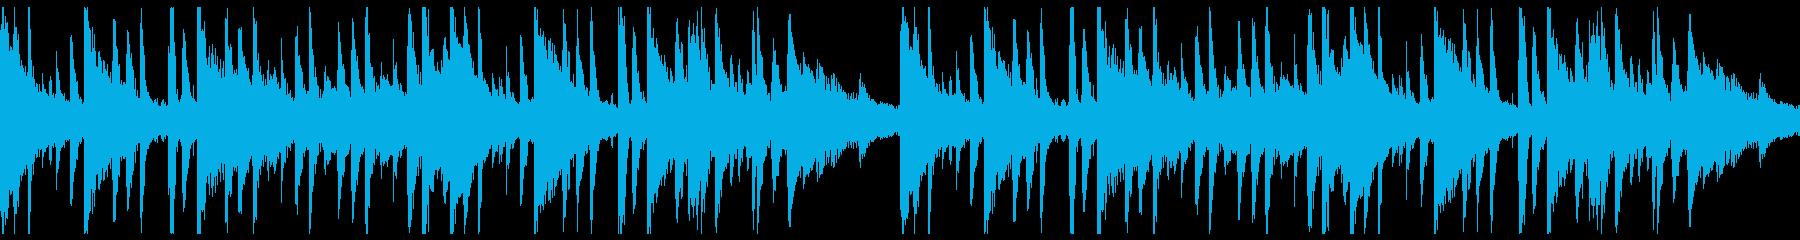 【ループ仕様】ピアノ・ジャジー・おしゃれの再生済みの波形